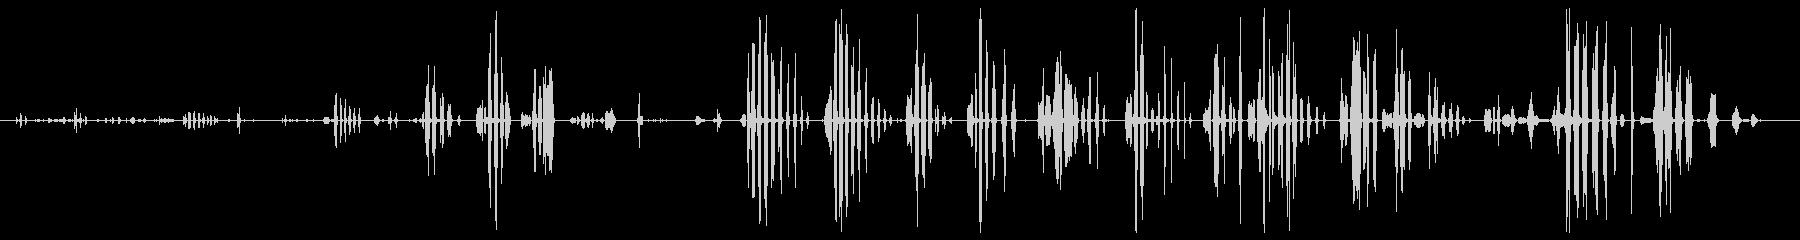 笑い、男、ライジング、人間; DI...の未再生の波形